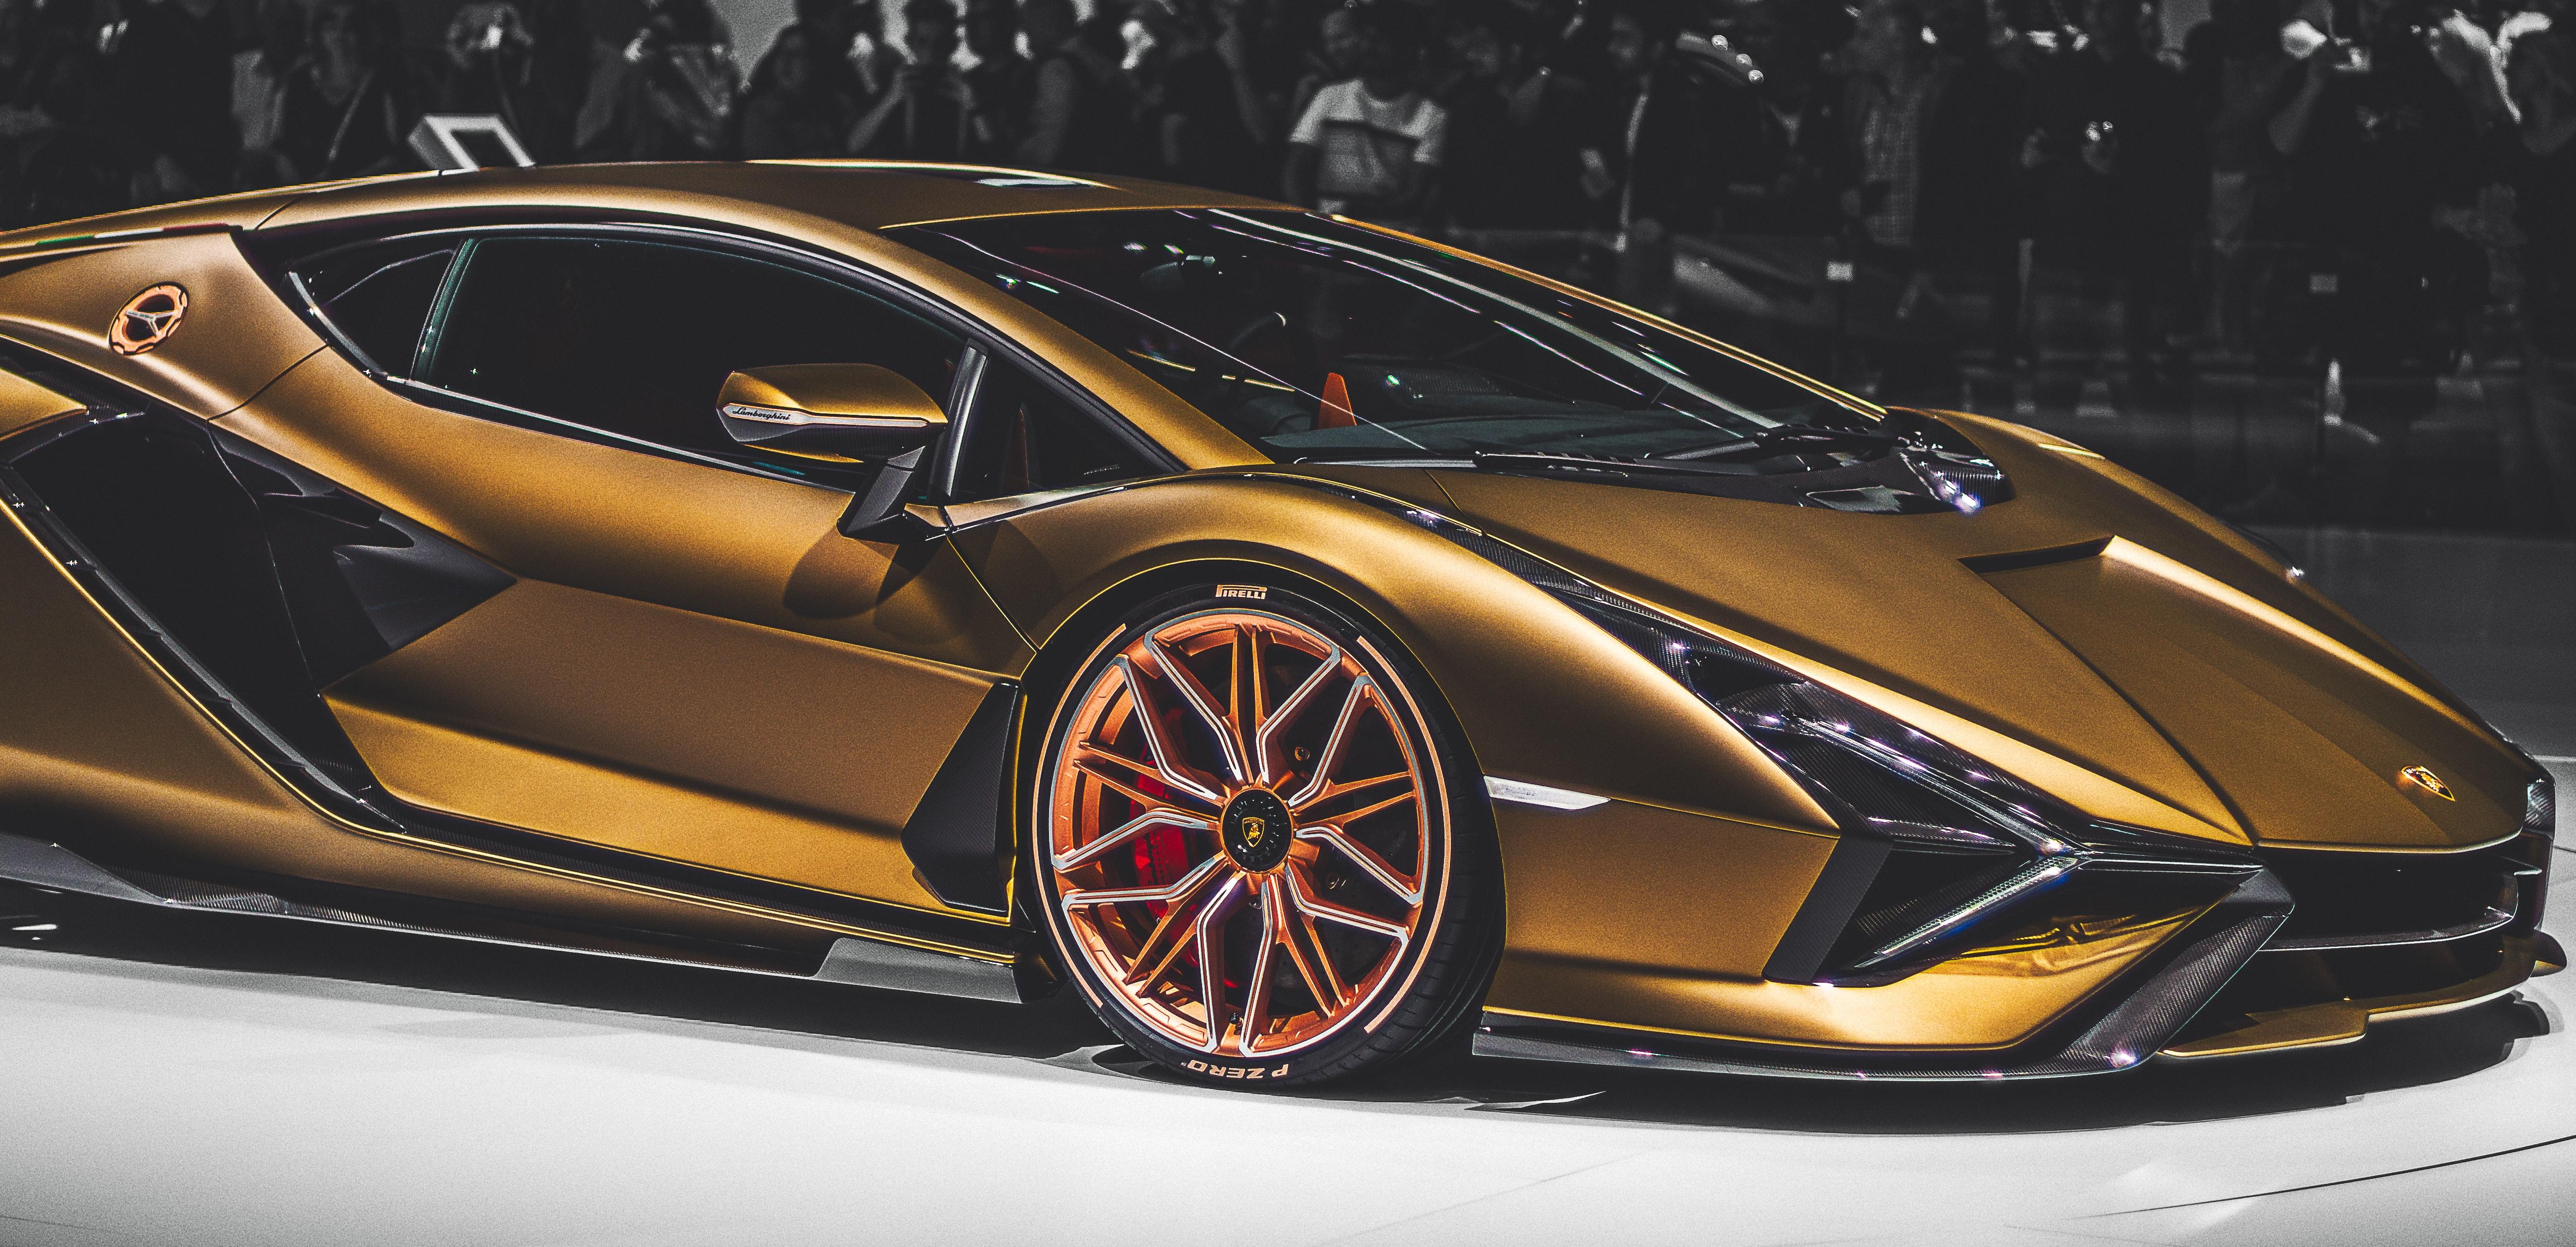 Gold Luxury Car Photo Free Automobile Image On Unsplash